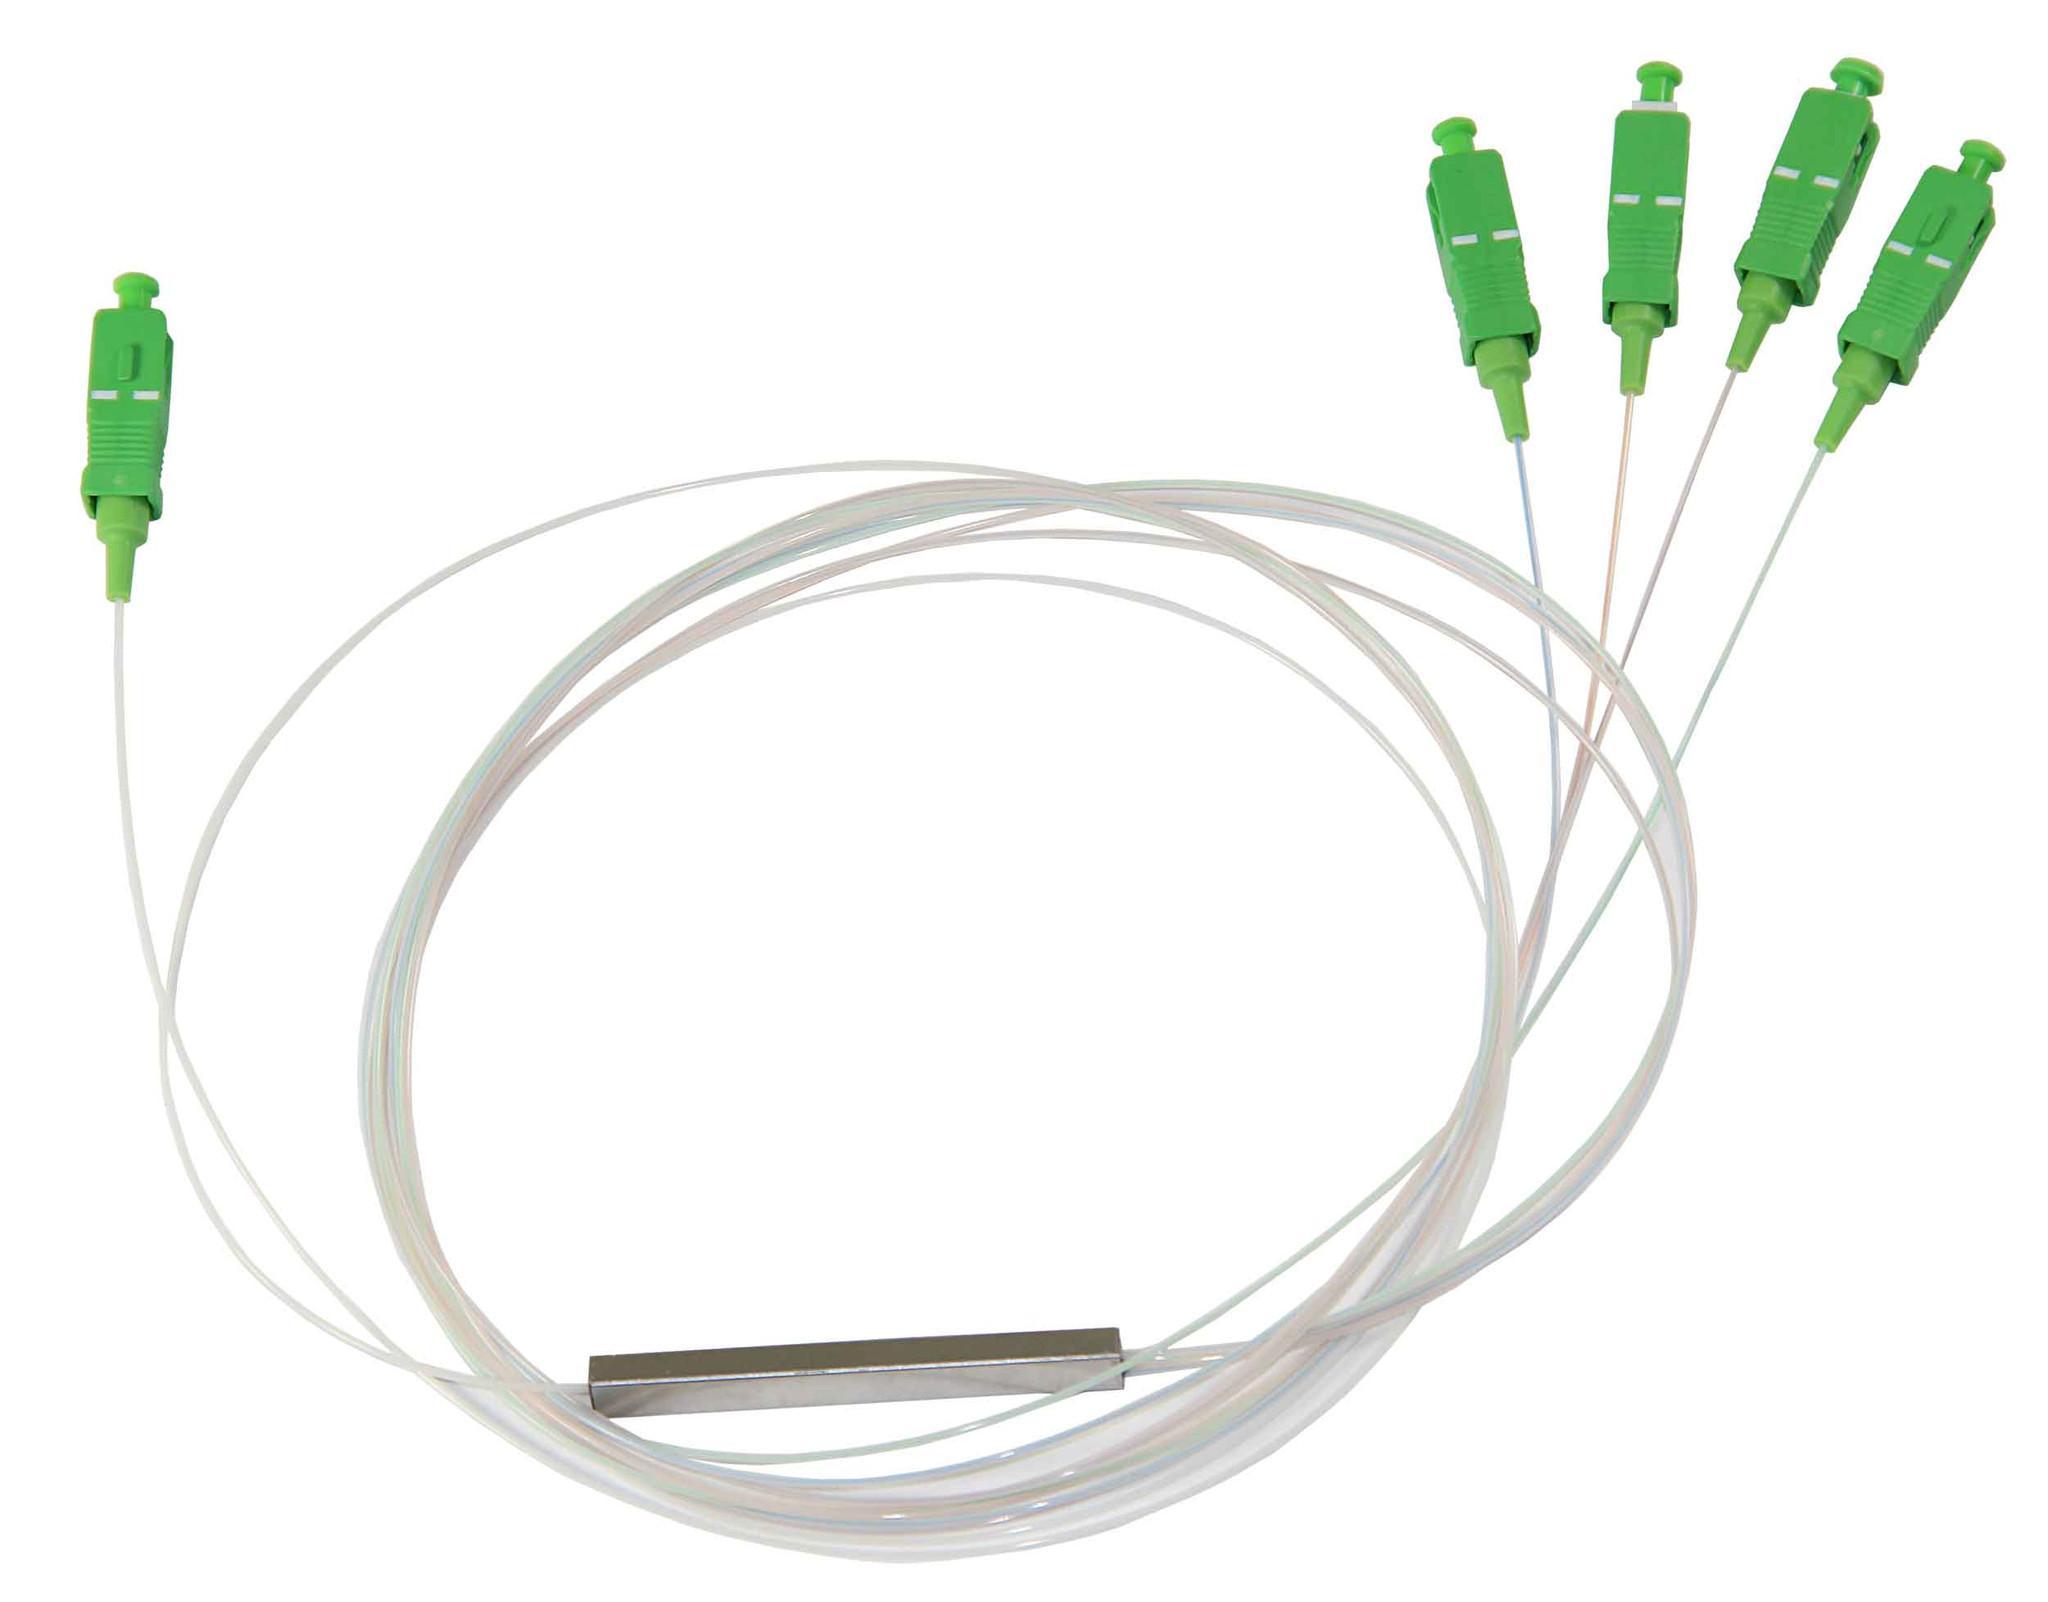 1*4 SC/APC Blockless PLC Splitter Block Type 900um FTTH PON Passive ODN LSZH 1M 1